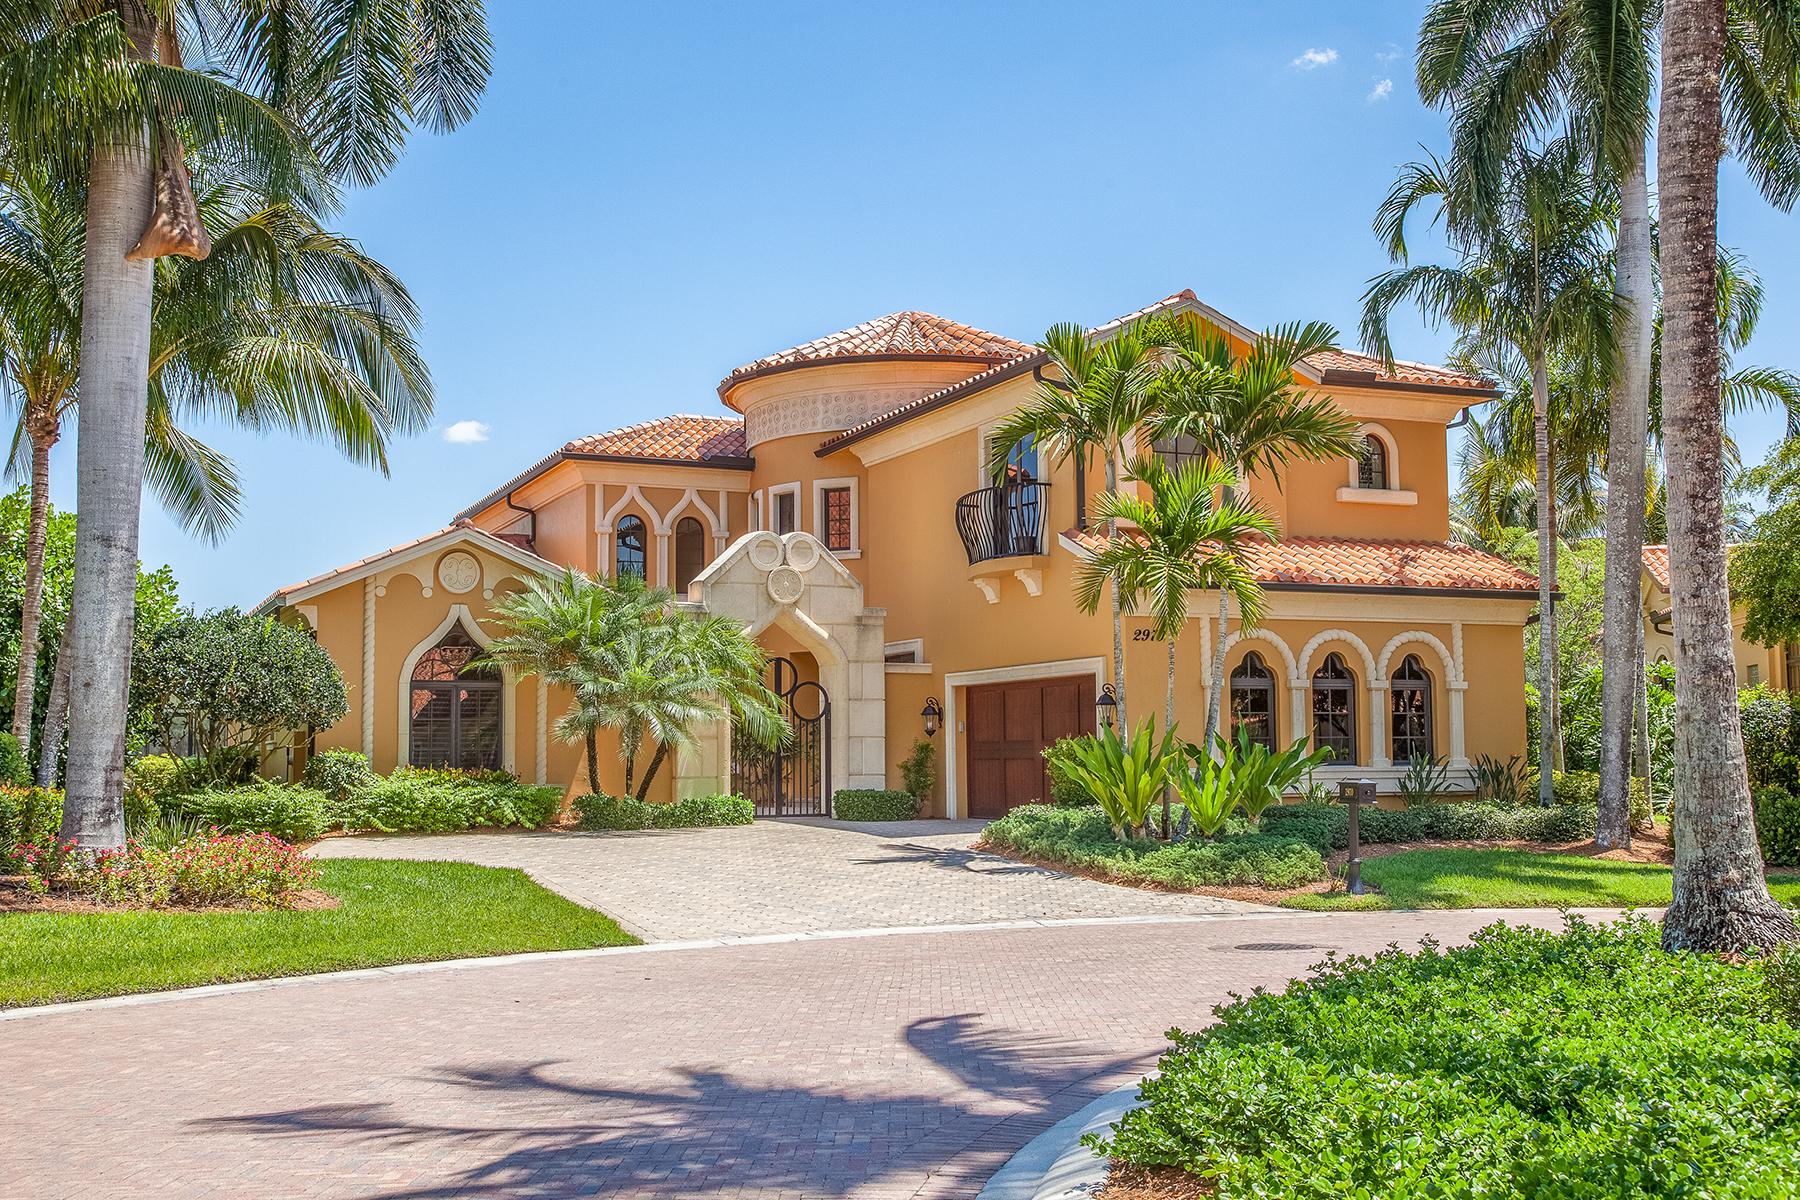 一戸建て のために 売買 アット SERAFINA AT TIBURON 2970 Tiburon Blvd E Naples, フロリダ, 34109 アメリカ合衆国